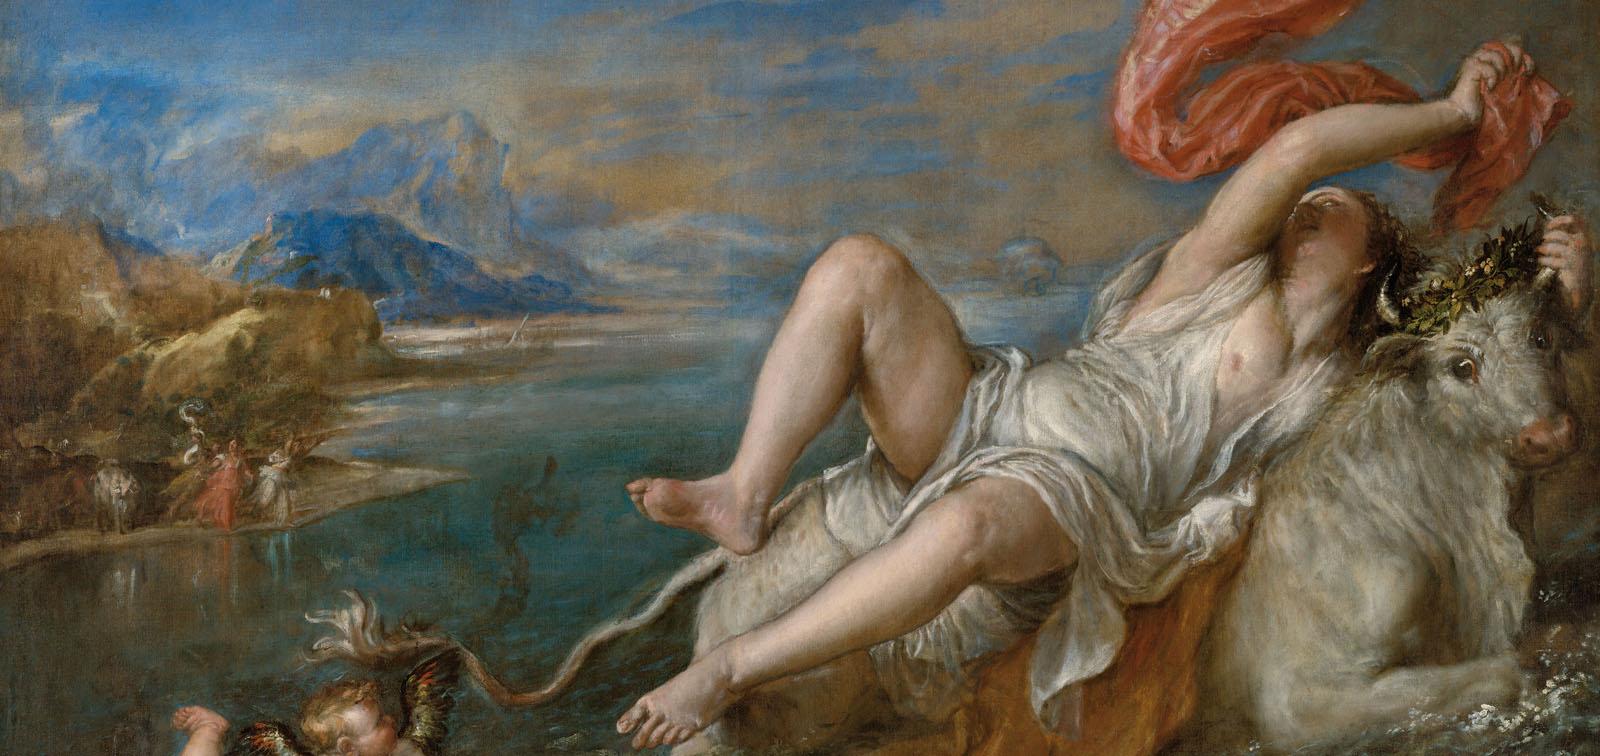 'Pasiones mitológicas' ya tiene recorrido virtual en el Museo del Prado